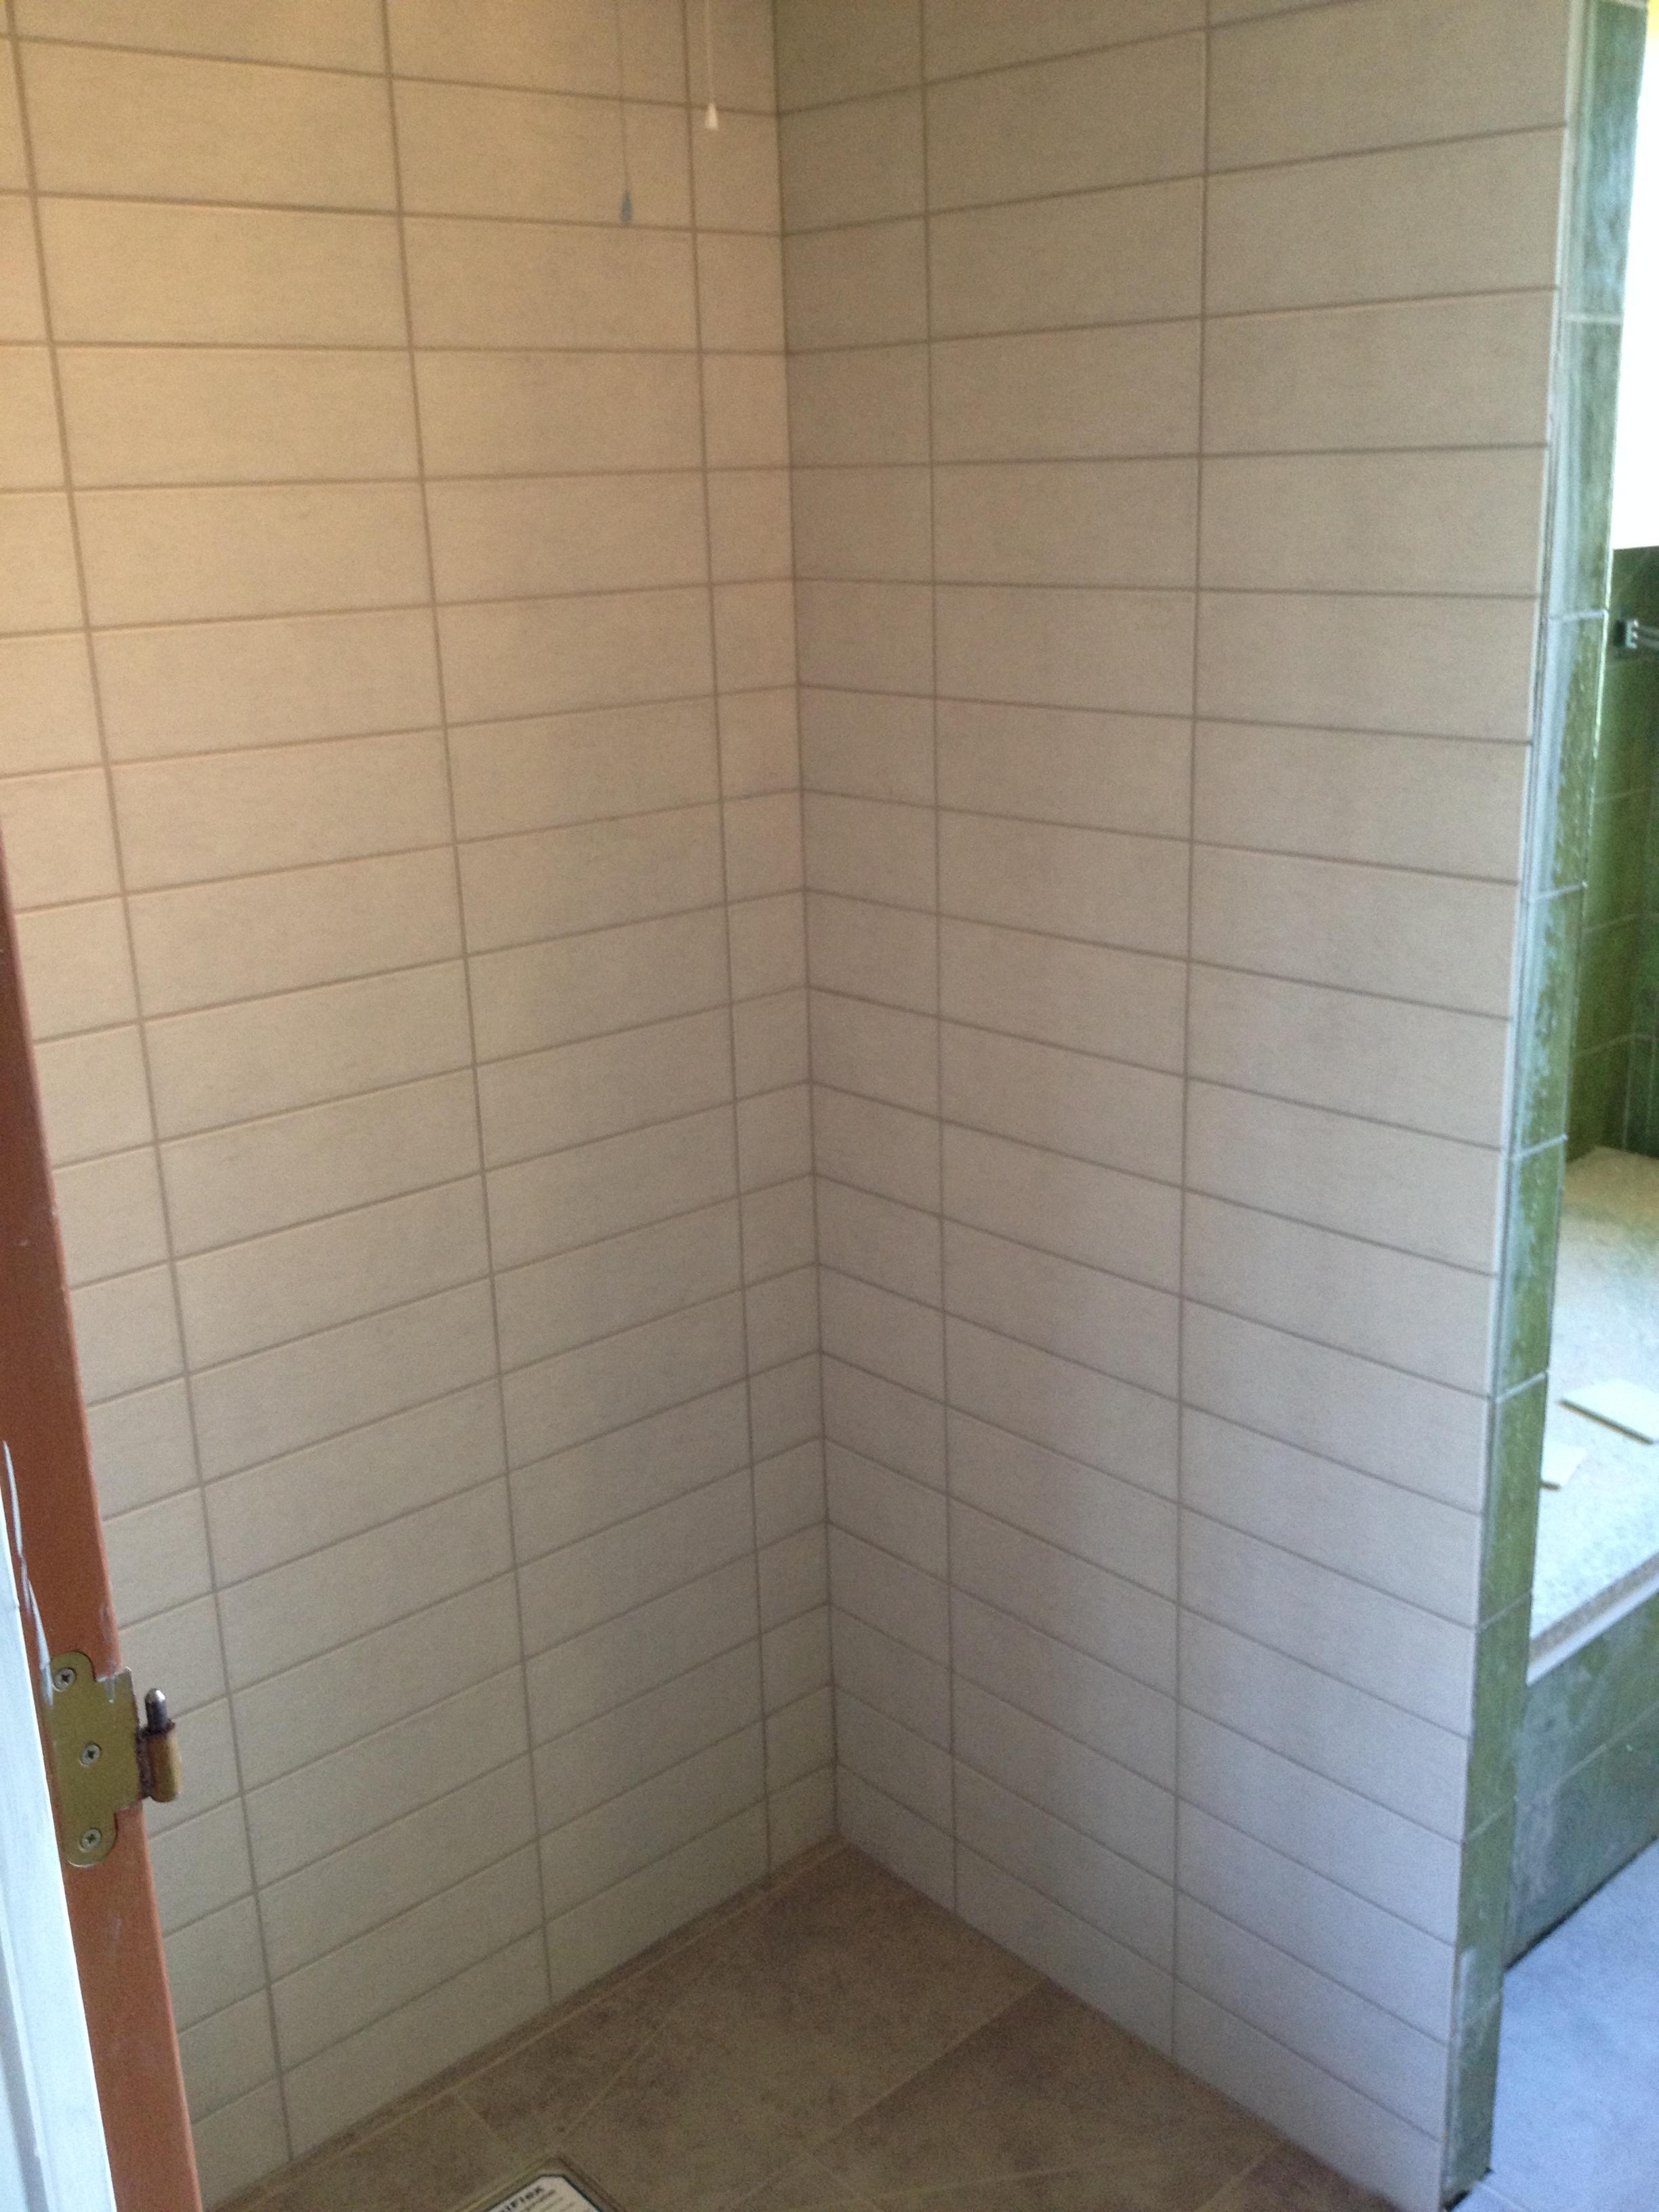 Bad Toilet Renovering Af Gulv Pa Badevaerelset Kem Tek